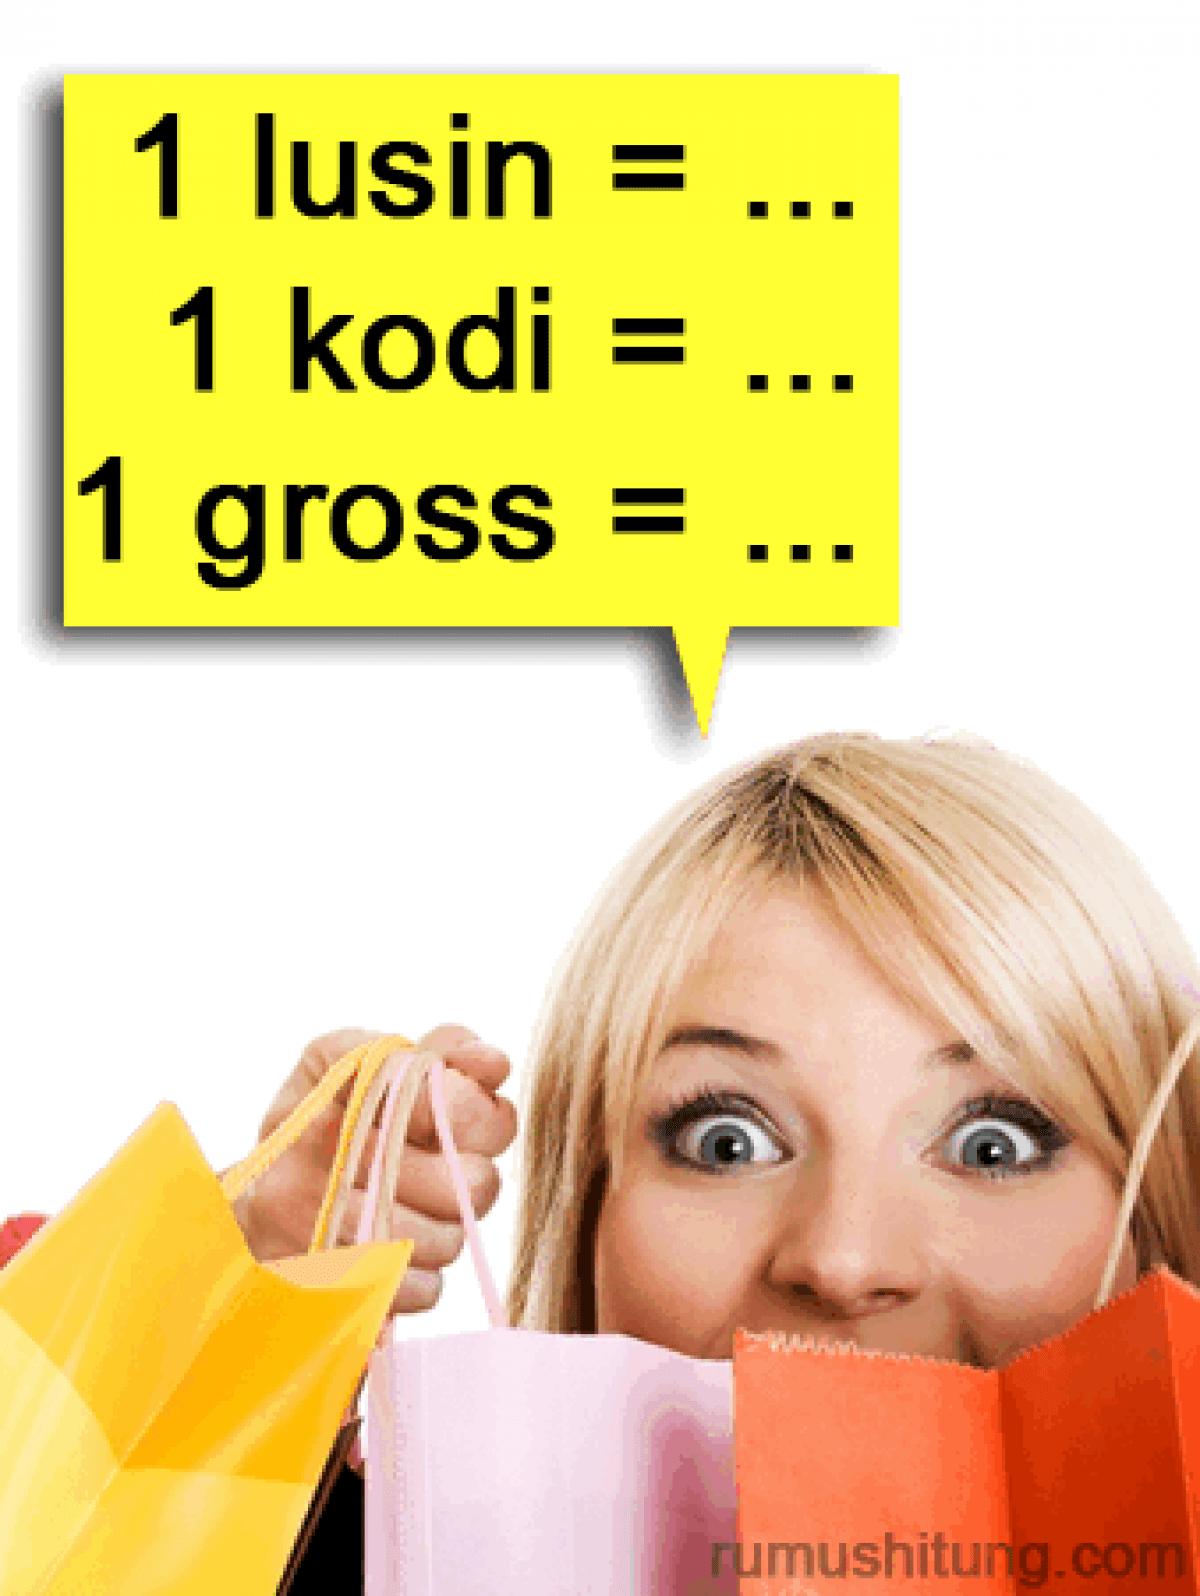 1 Kodi Brp : Satuan, Jumlah, Lusin,, Kodi,, Gross,